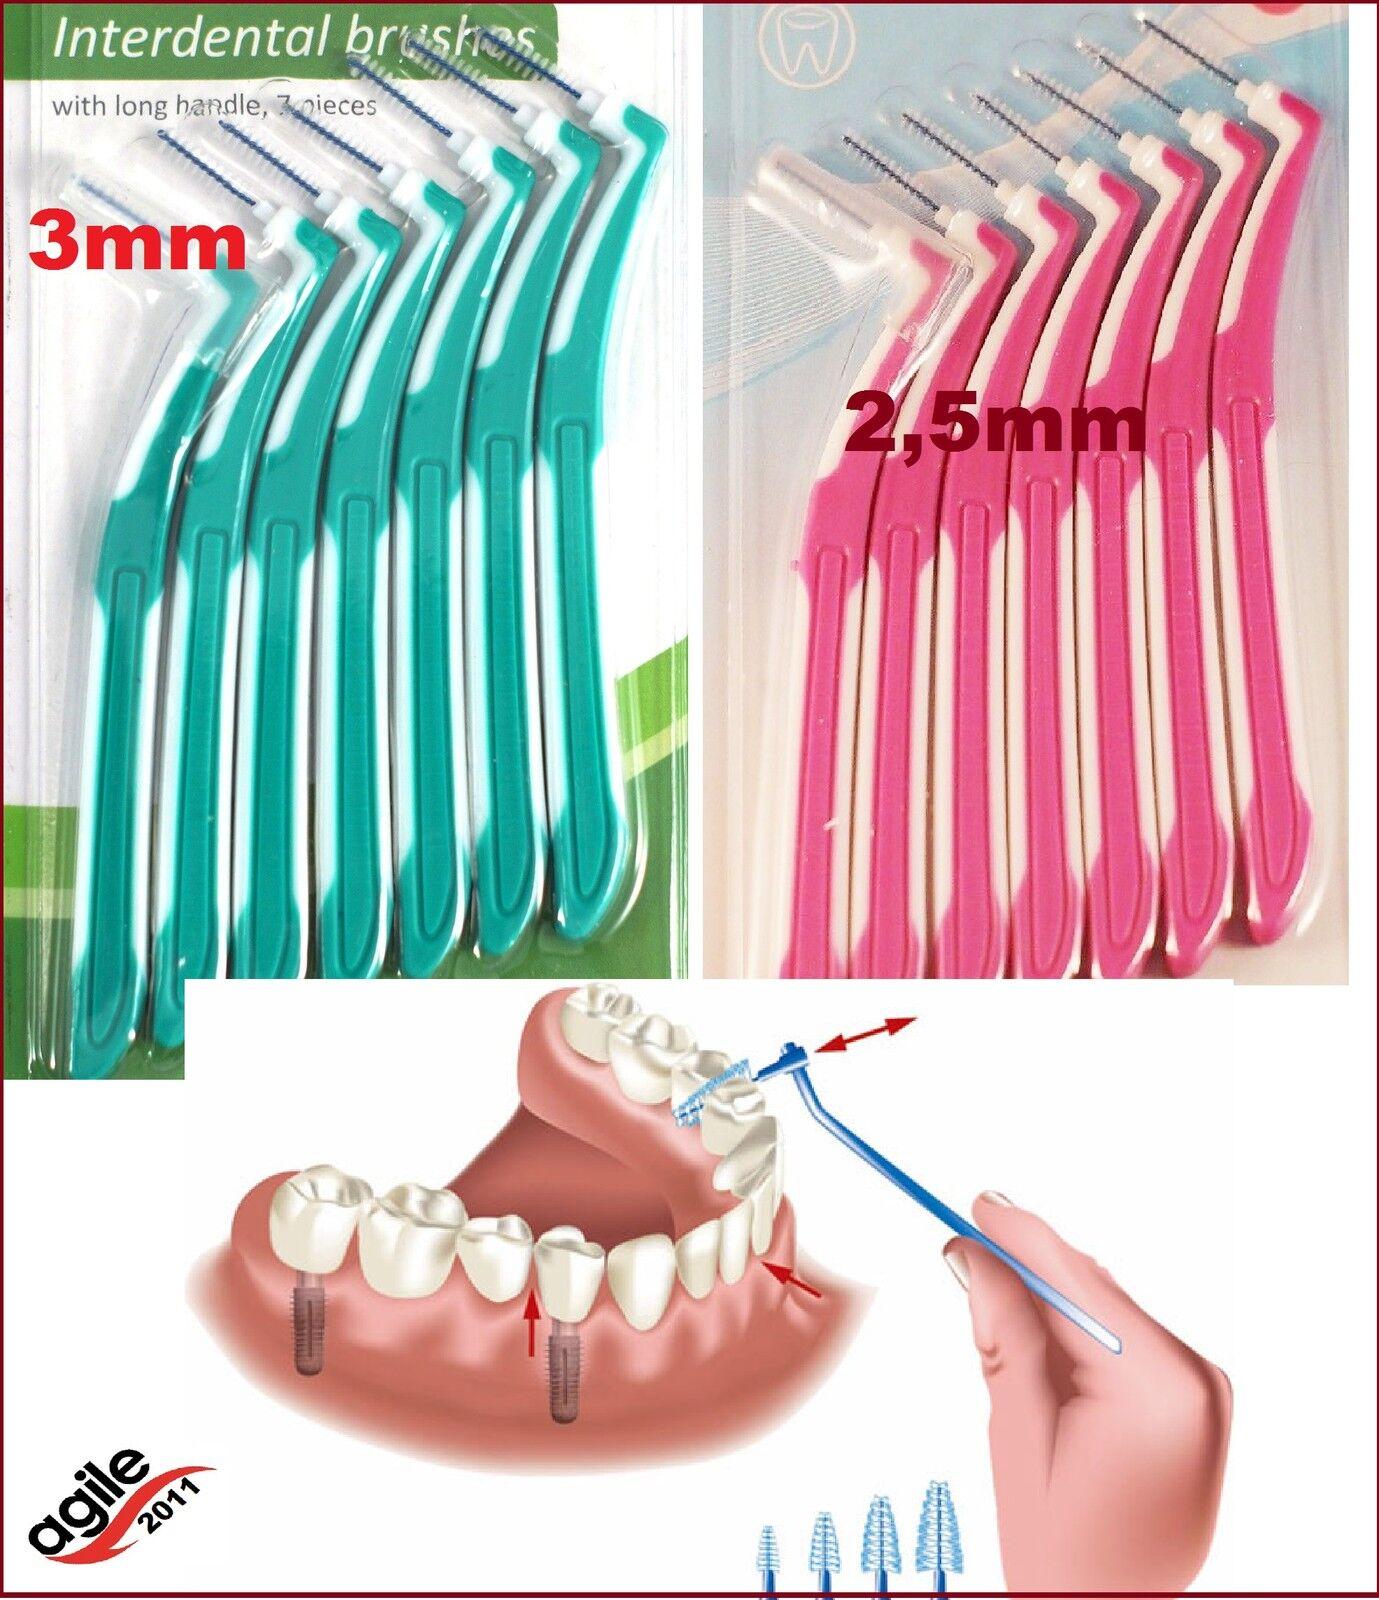 Interdentalbürste Zahnzwischenraumbürste  2,5mm Oder 3mm Interdental